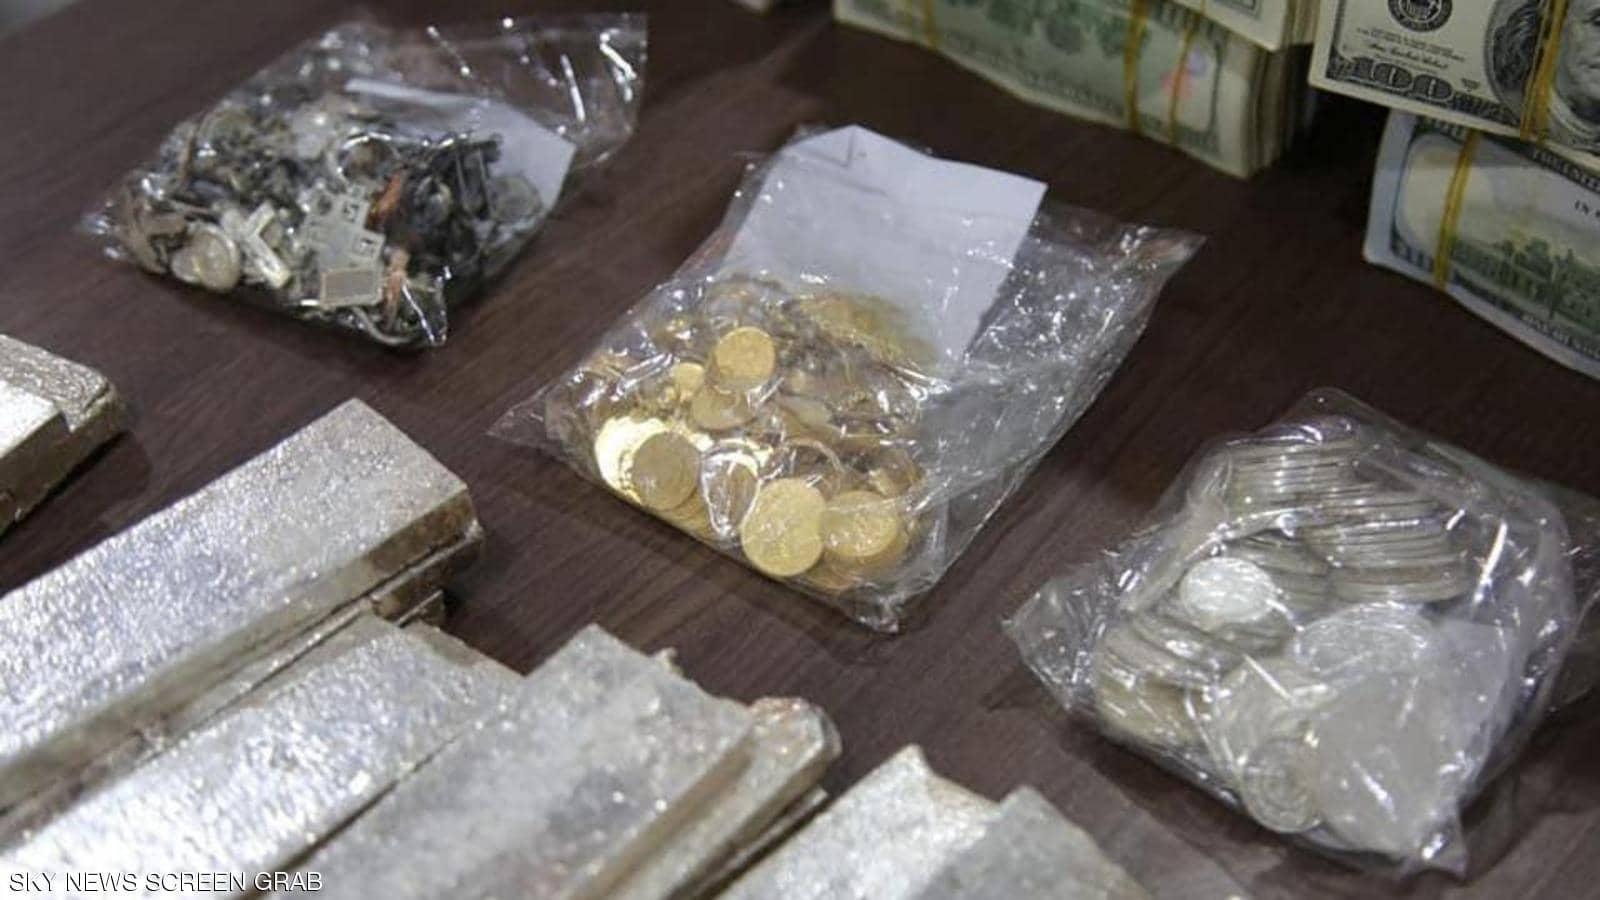 عملات ورقية ومعدنية وفضة وذهب مخلفات داعش في الموصل